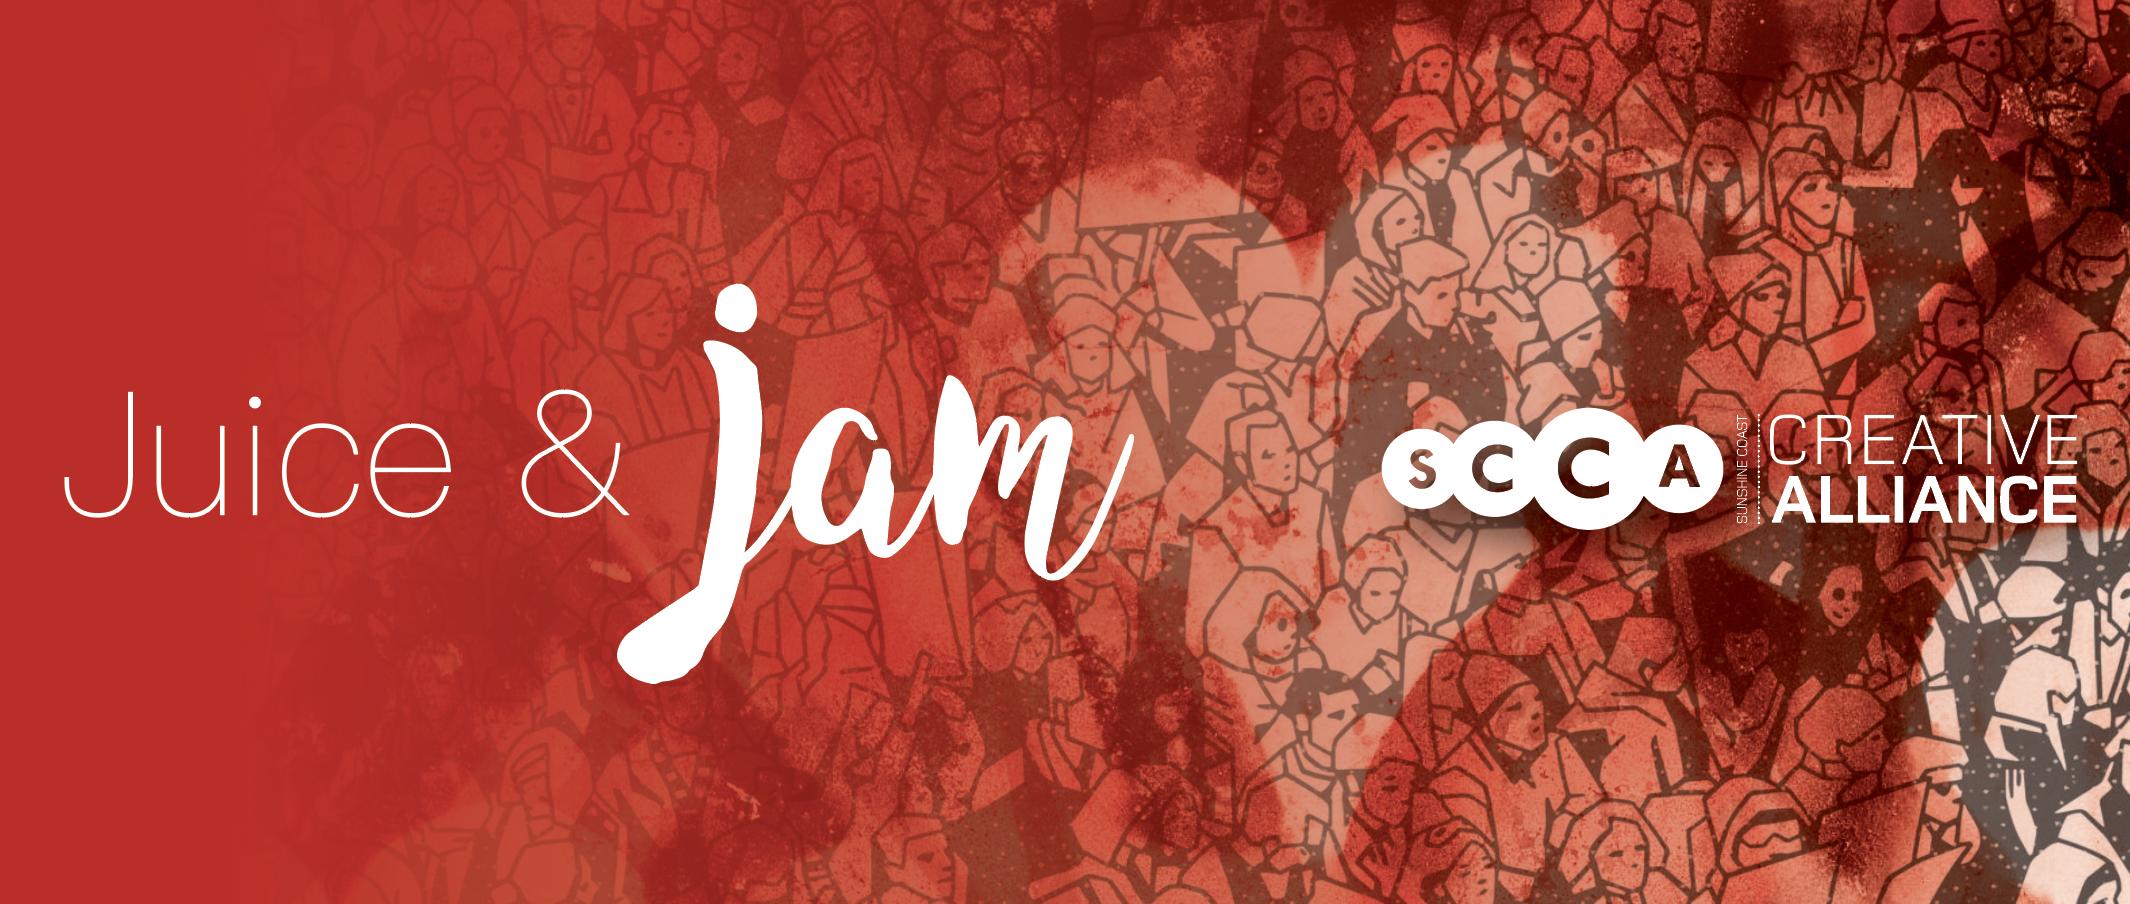 Juice & Jam banner